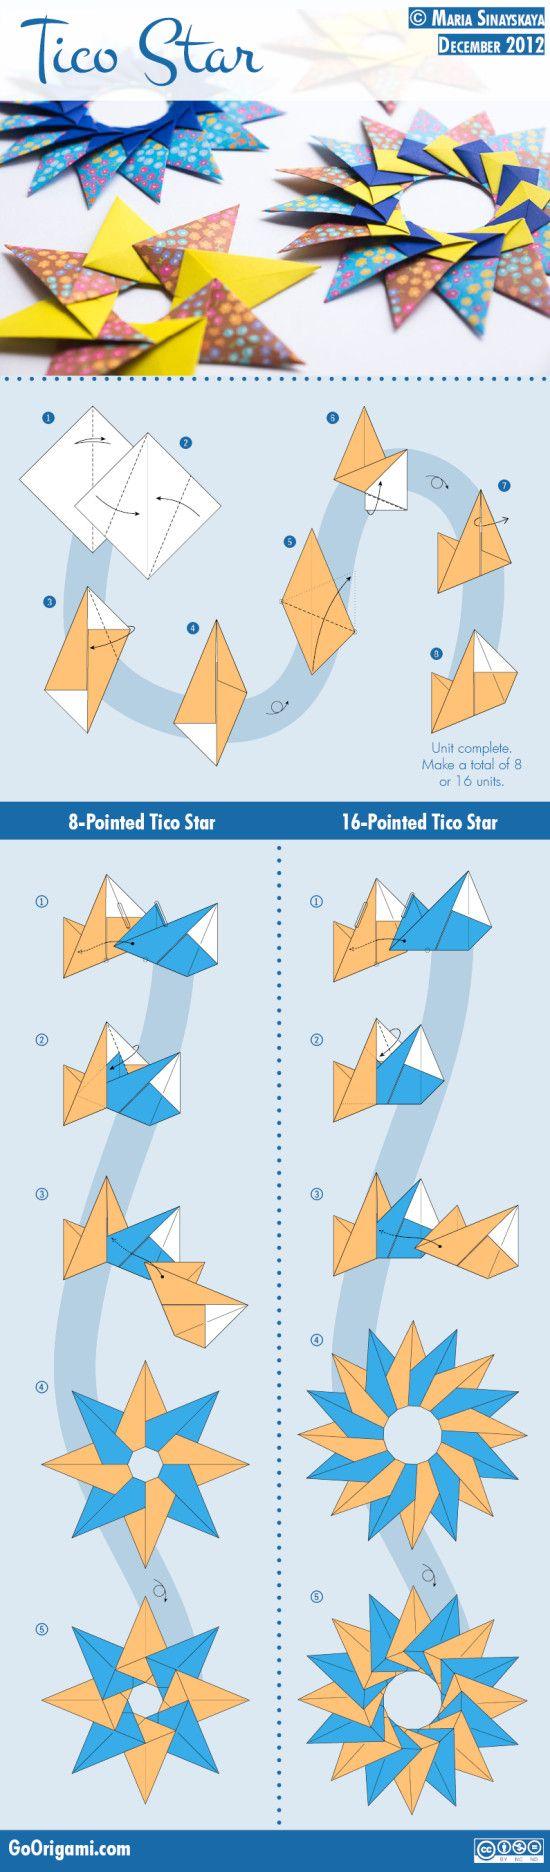 36 besten adventsschmuck bilder auf pinterest origami - Weihnachtsdekoration basteln mit kindern ...